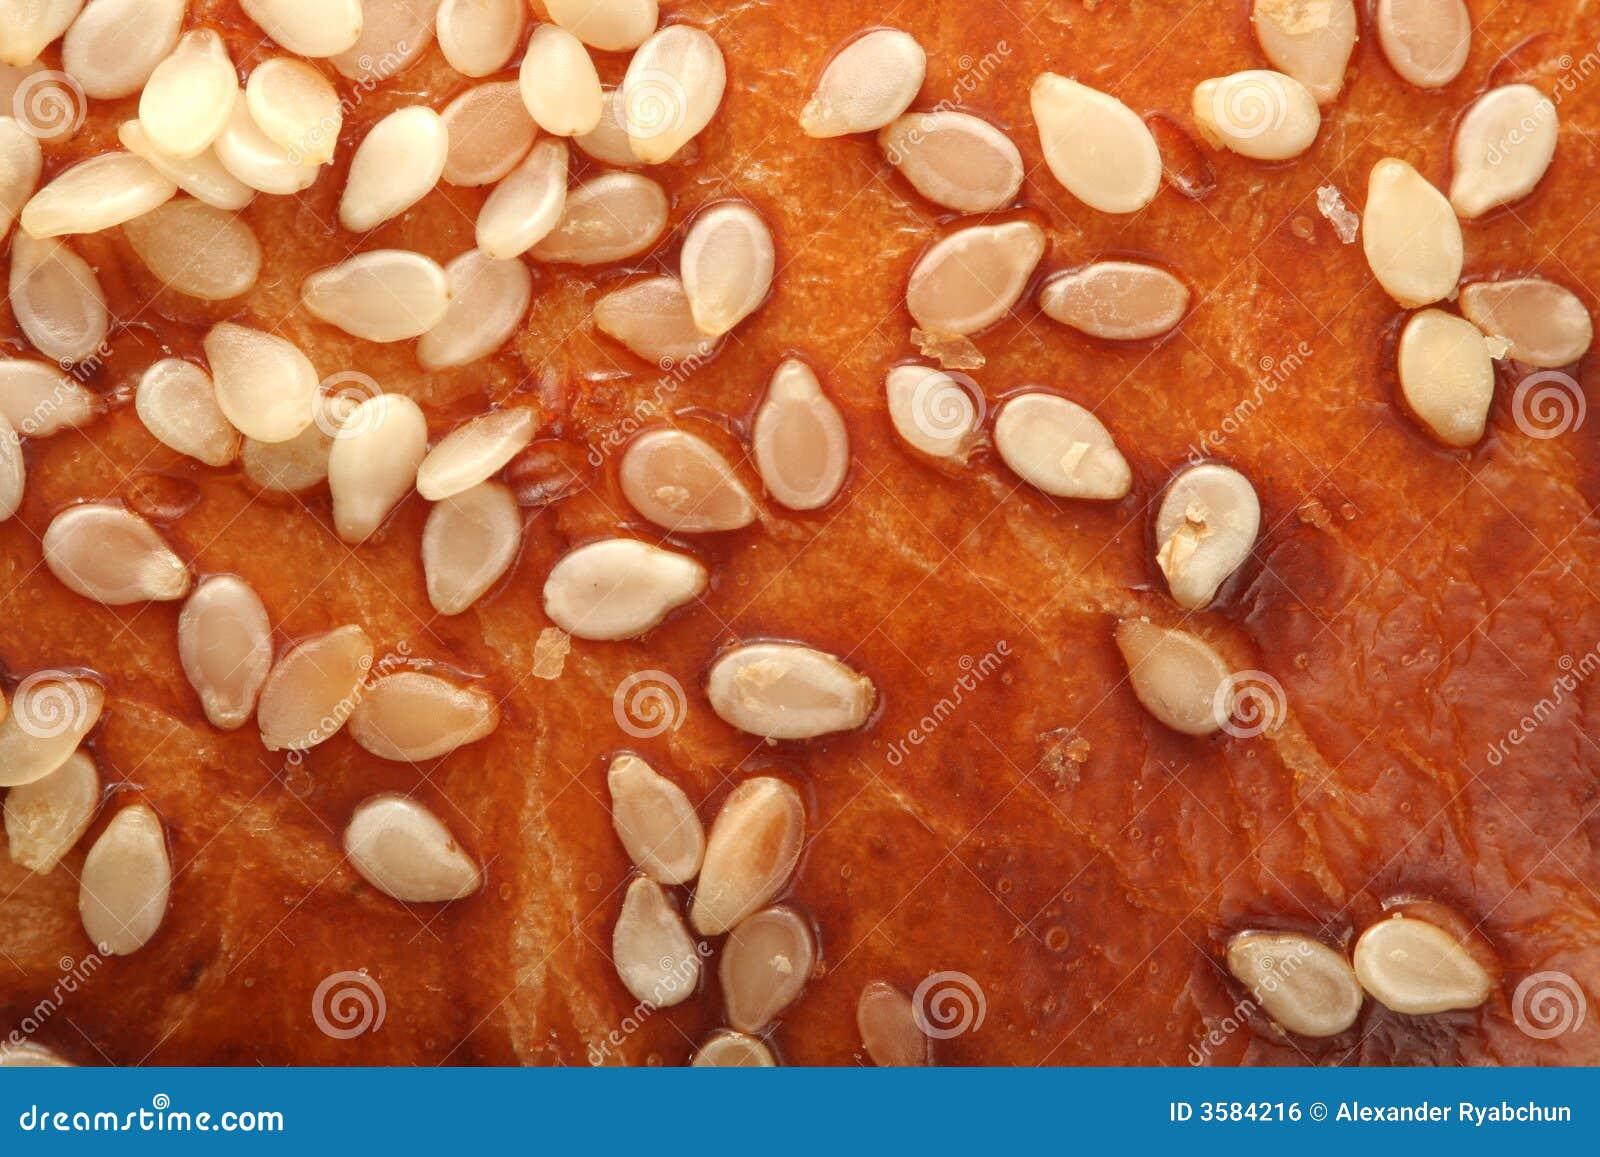 Graines de sésame sur la croûte du pain